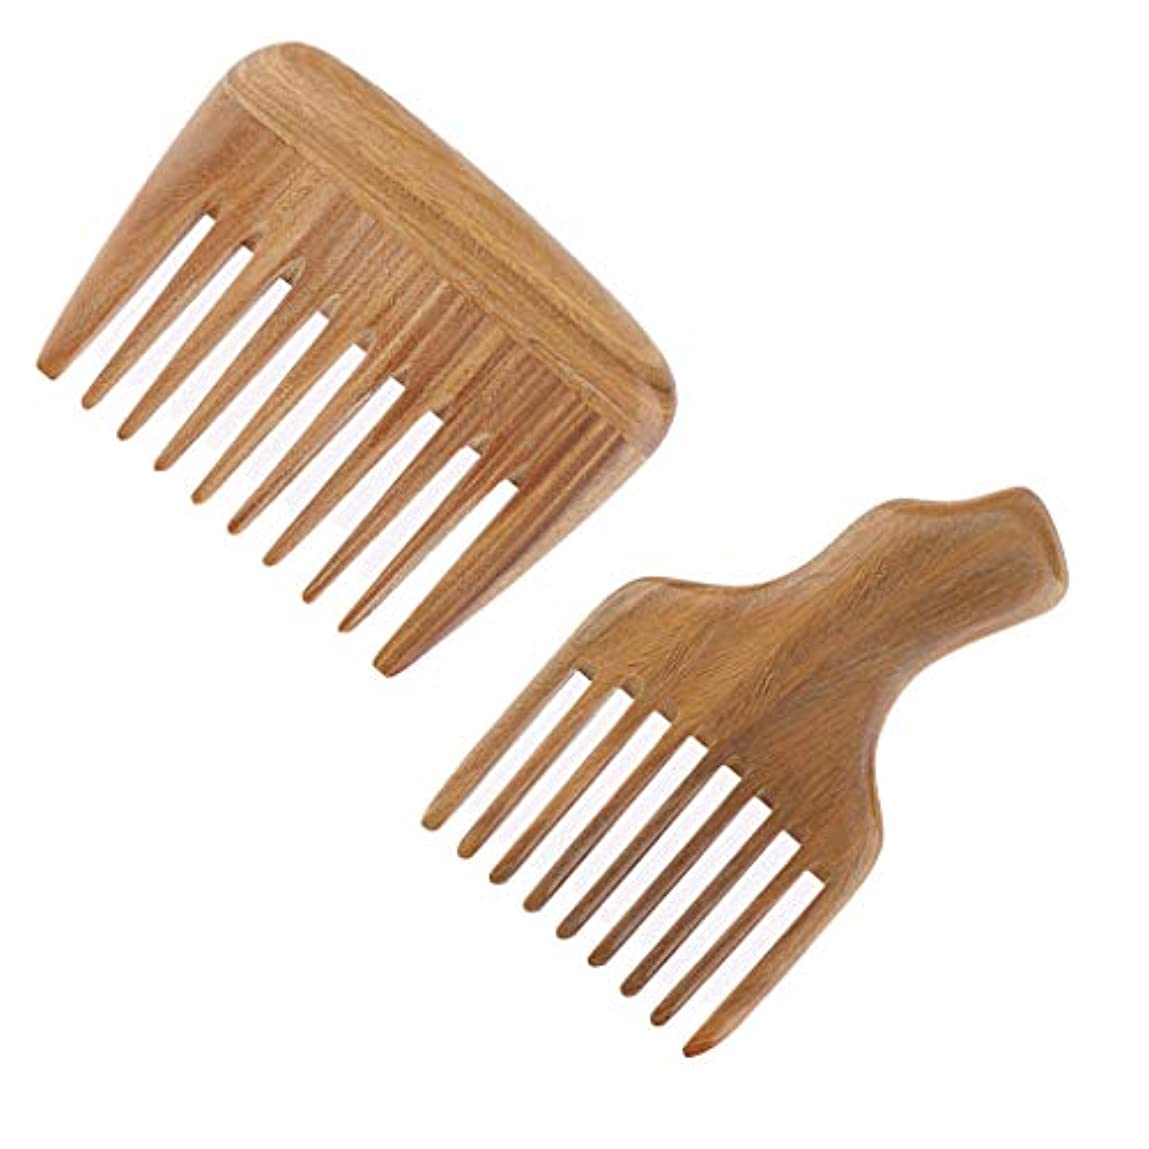 ユダヤ人遅滞弾性P Prettyia 2個 木製櫛 ヘアコーム ヘアブラシ 帯電防止 くし 櫛 高品質